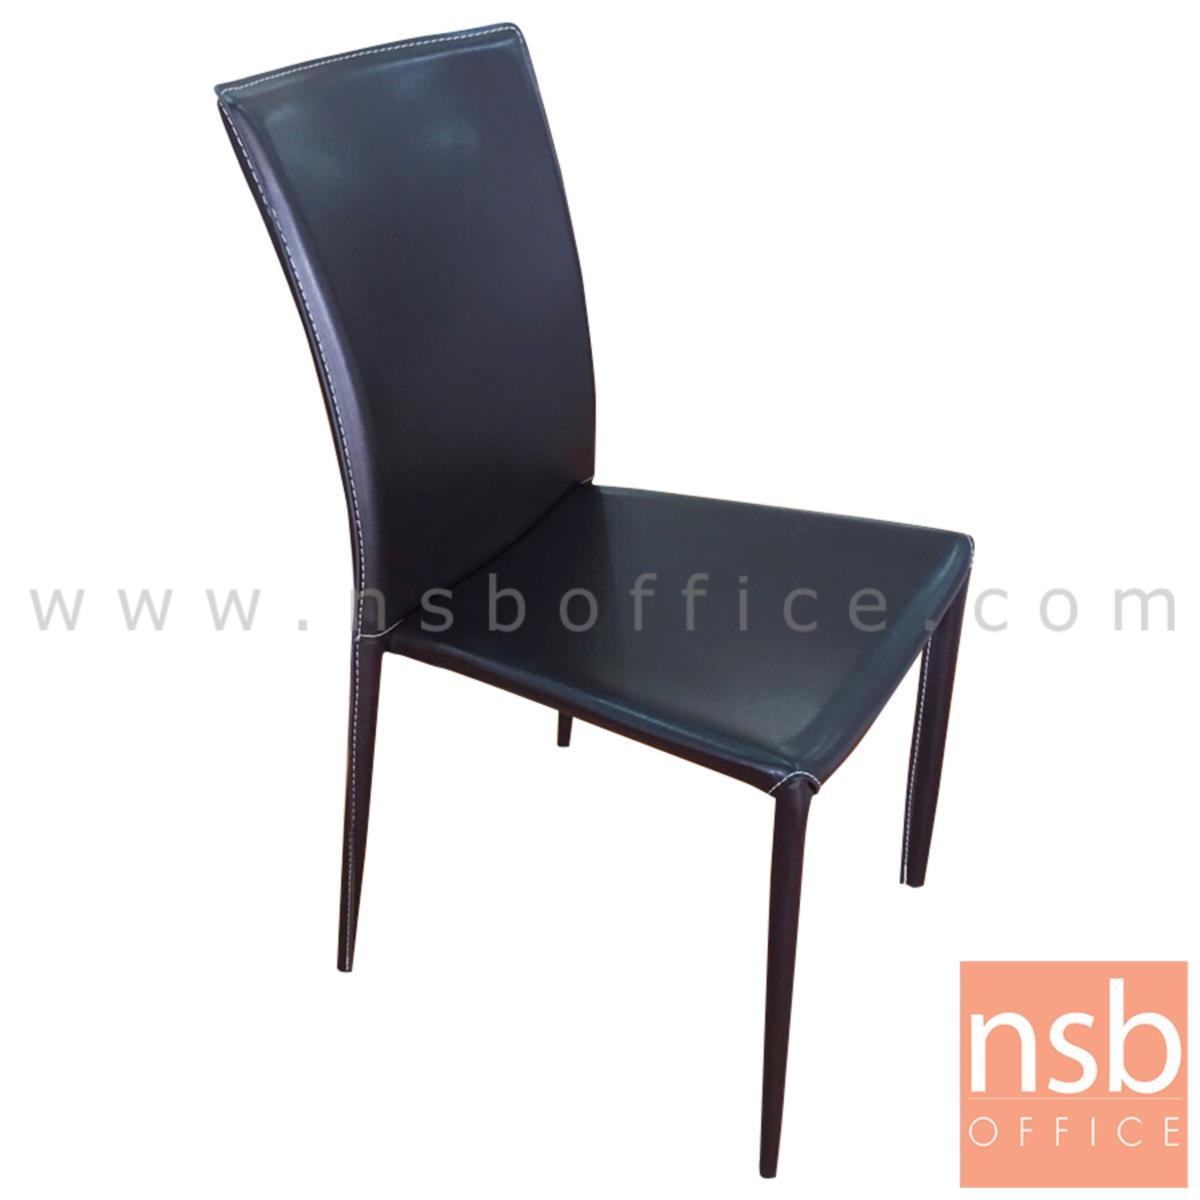 B29A153:เก้าอี้อเนกประสงค์ รุ่น VANE-III  หุ้มหนังเทียมทั้งตัว